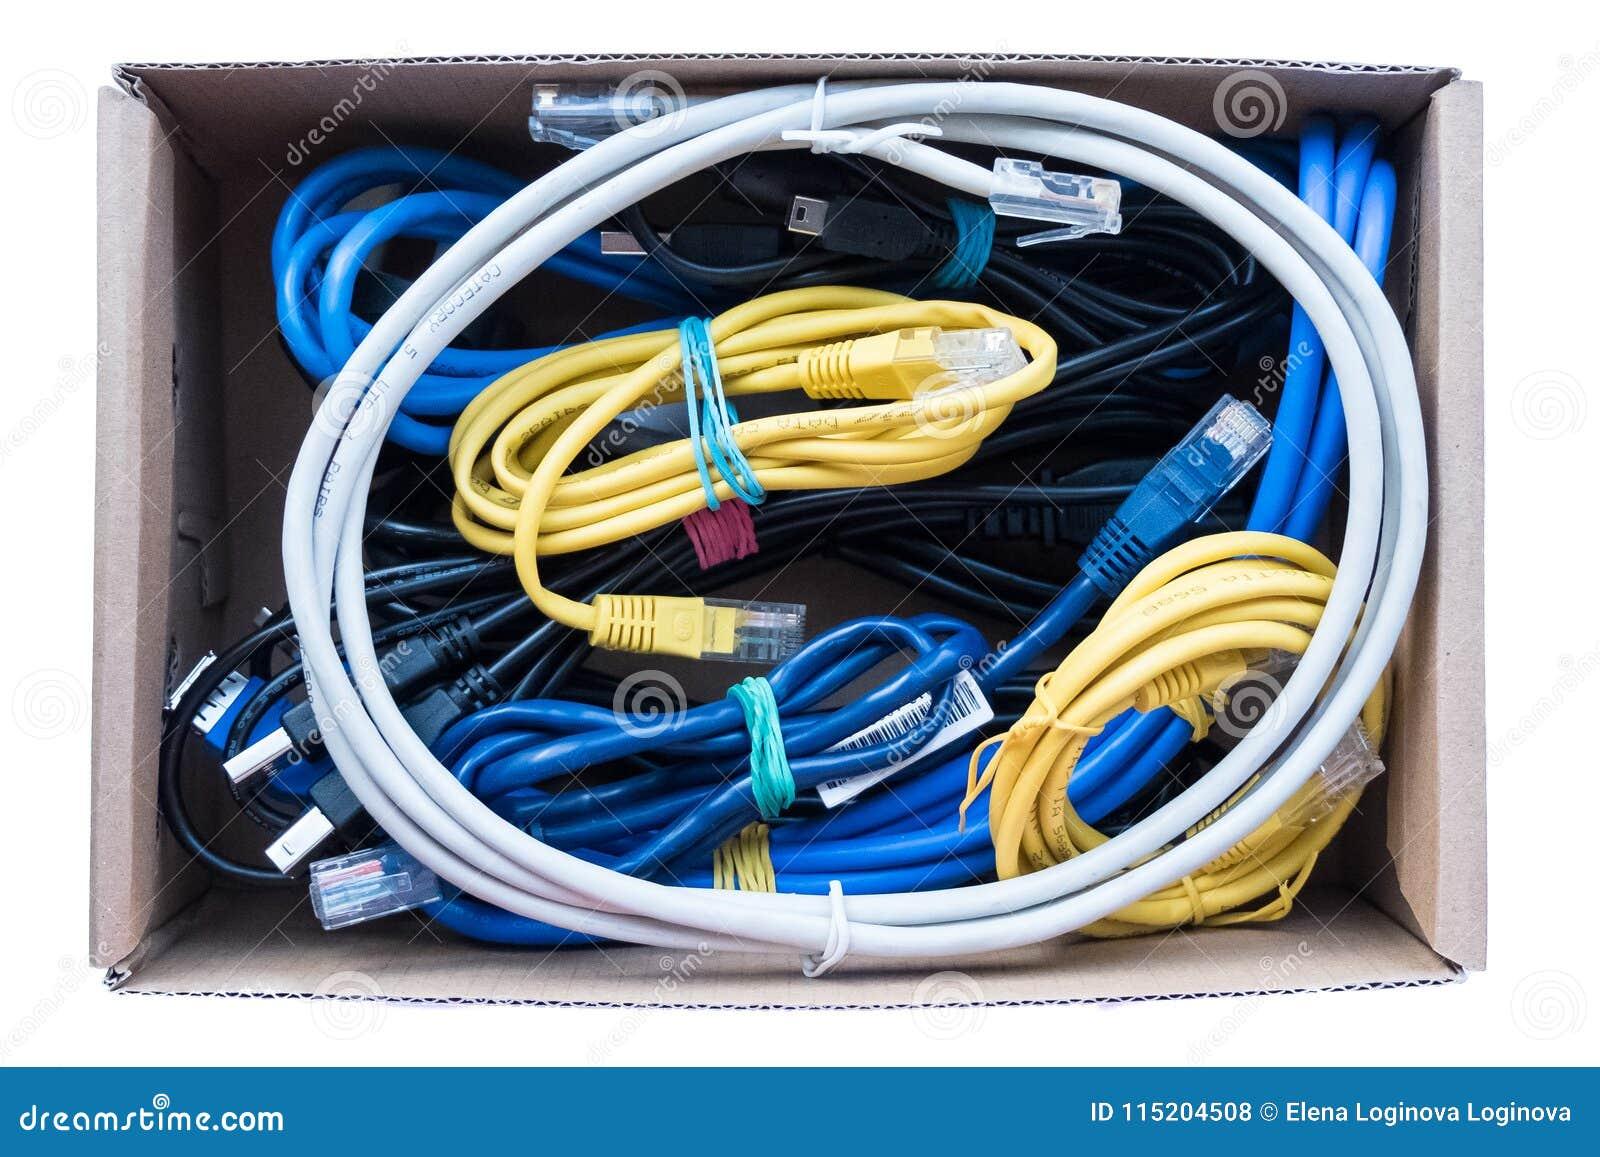 Τα καλώδια, τα σκοινιά και τα καλώδια καθορίζονται σε ένα κιβώτιο